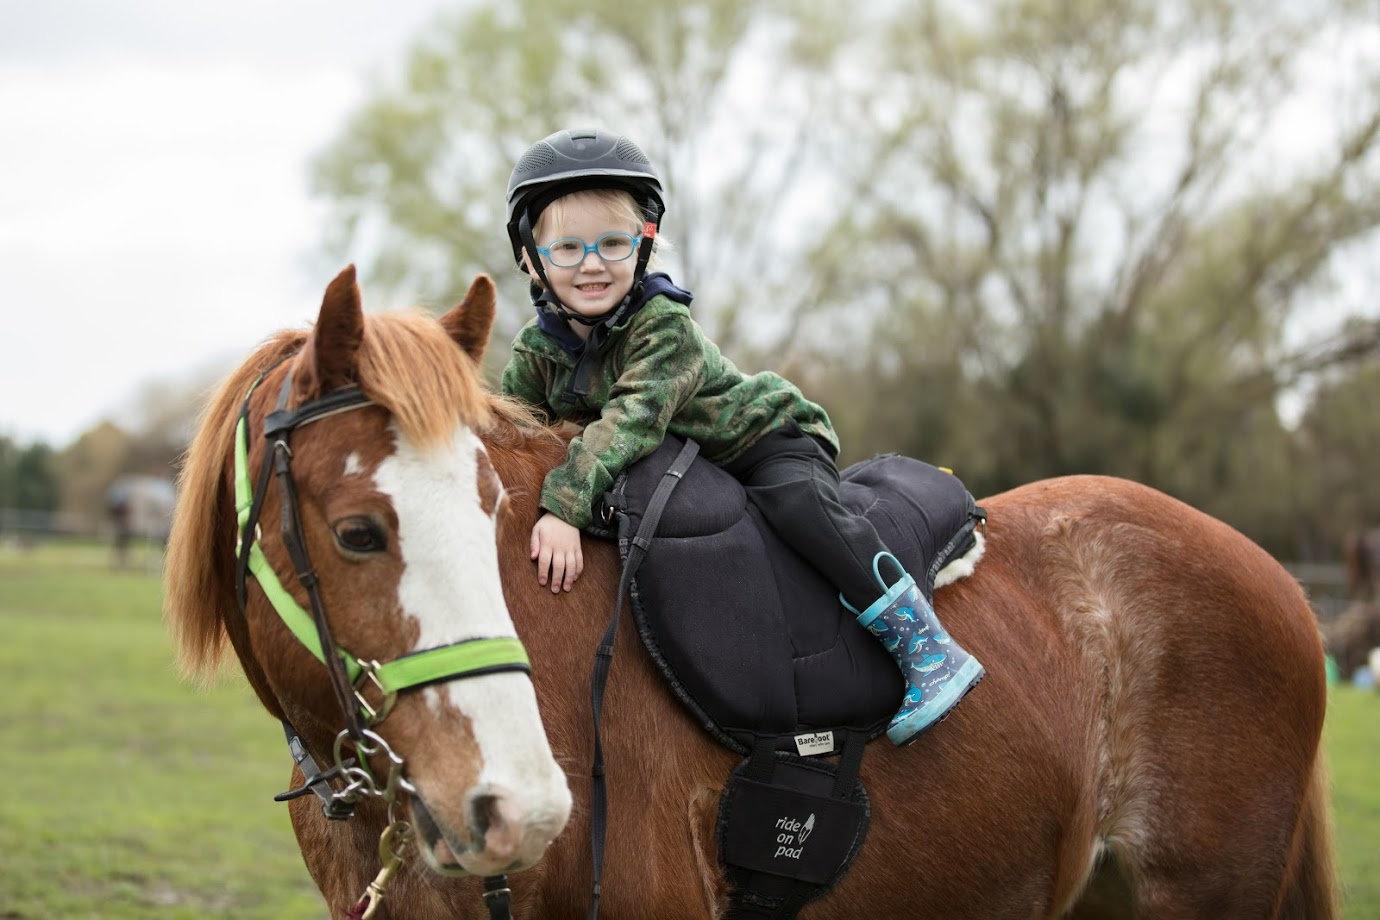 Pony & Horse Experience